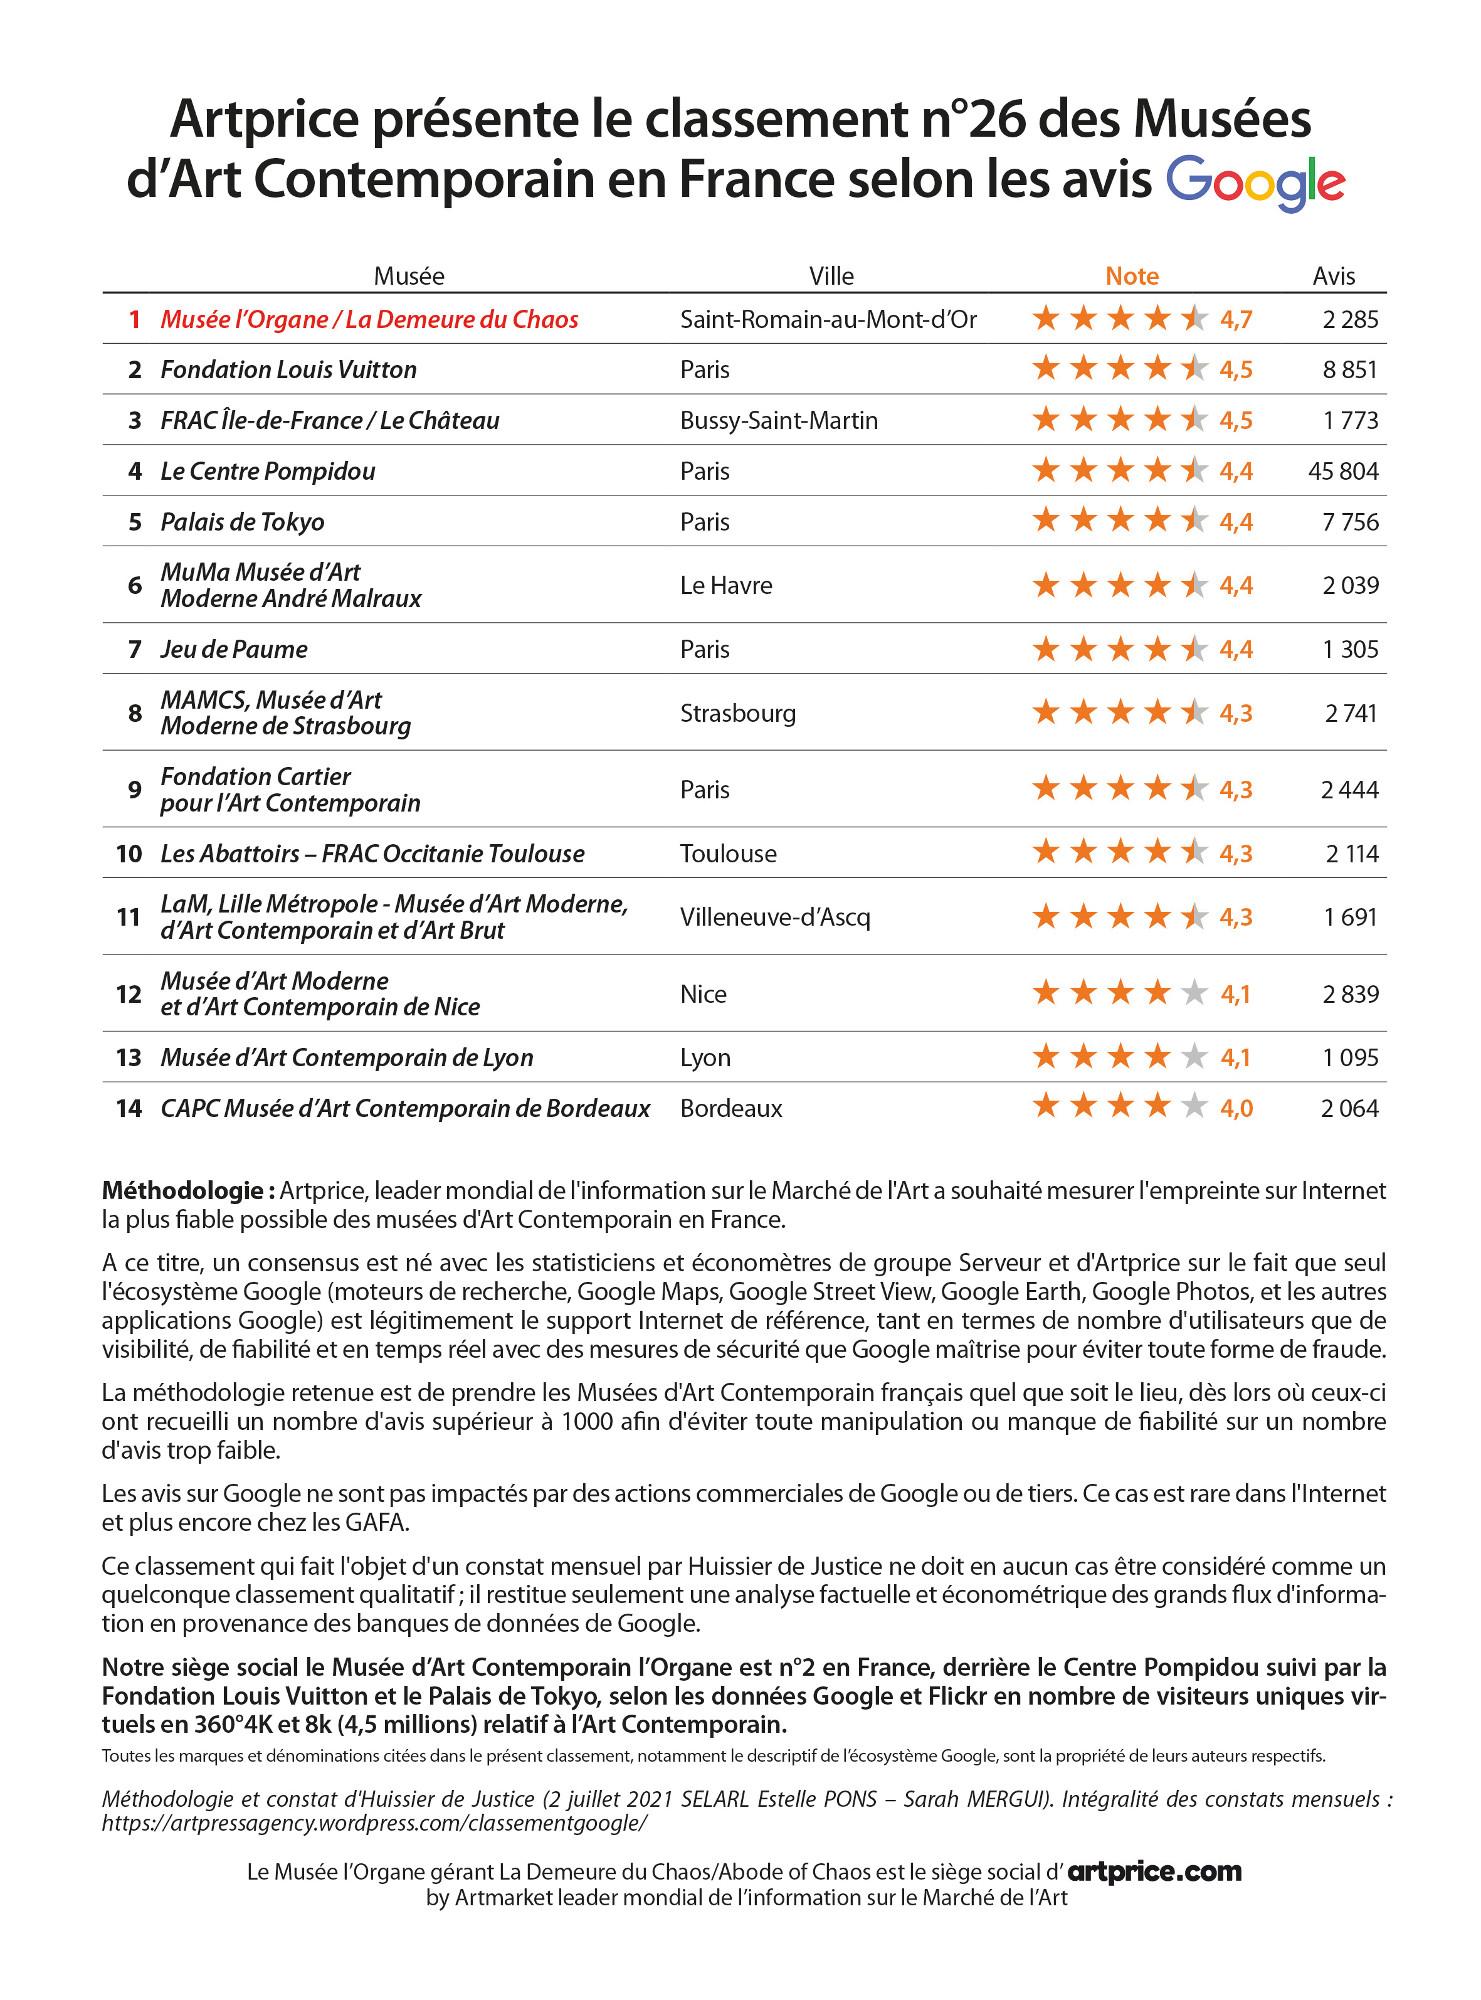 thierry ehrmann Artprice présente le classement n°26 des Musées d'Art Contemporain en France selon les avis Google